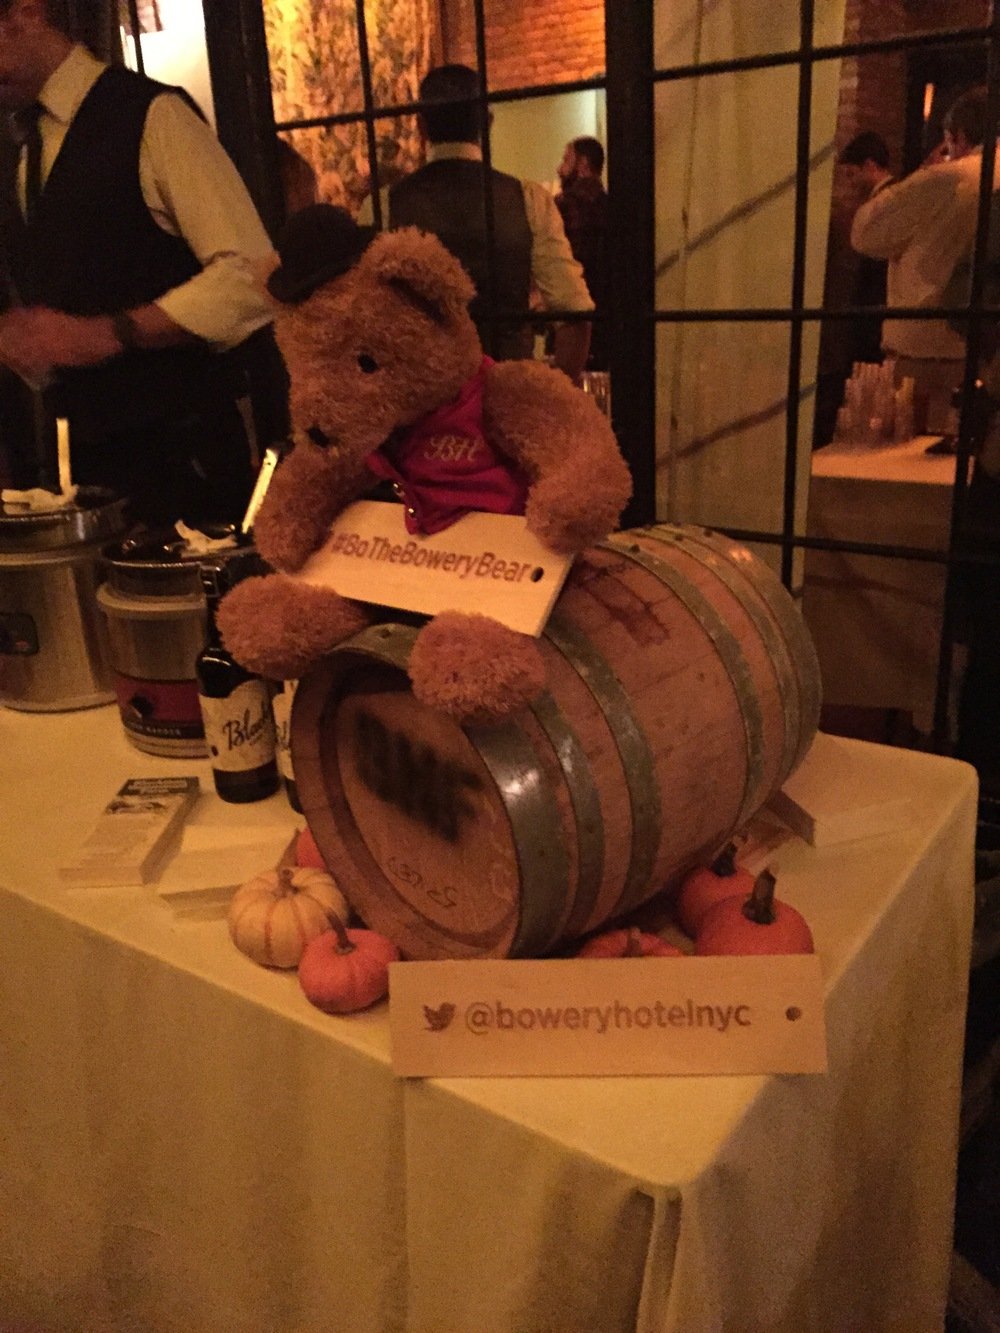 Bo the Bowery Bear